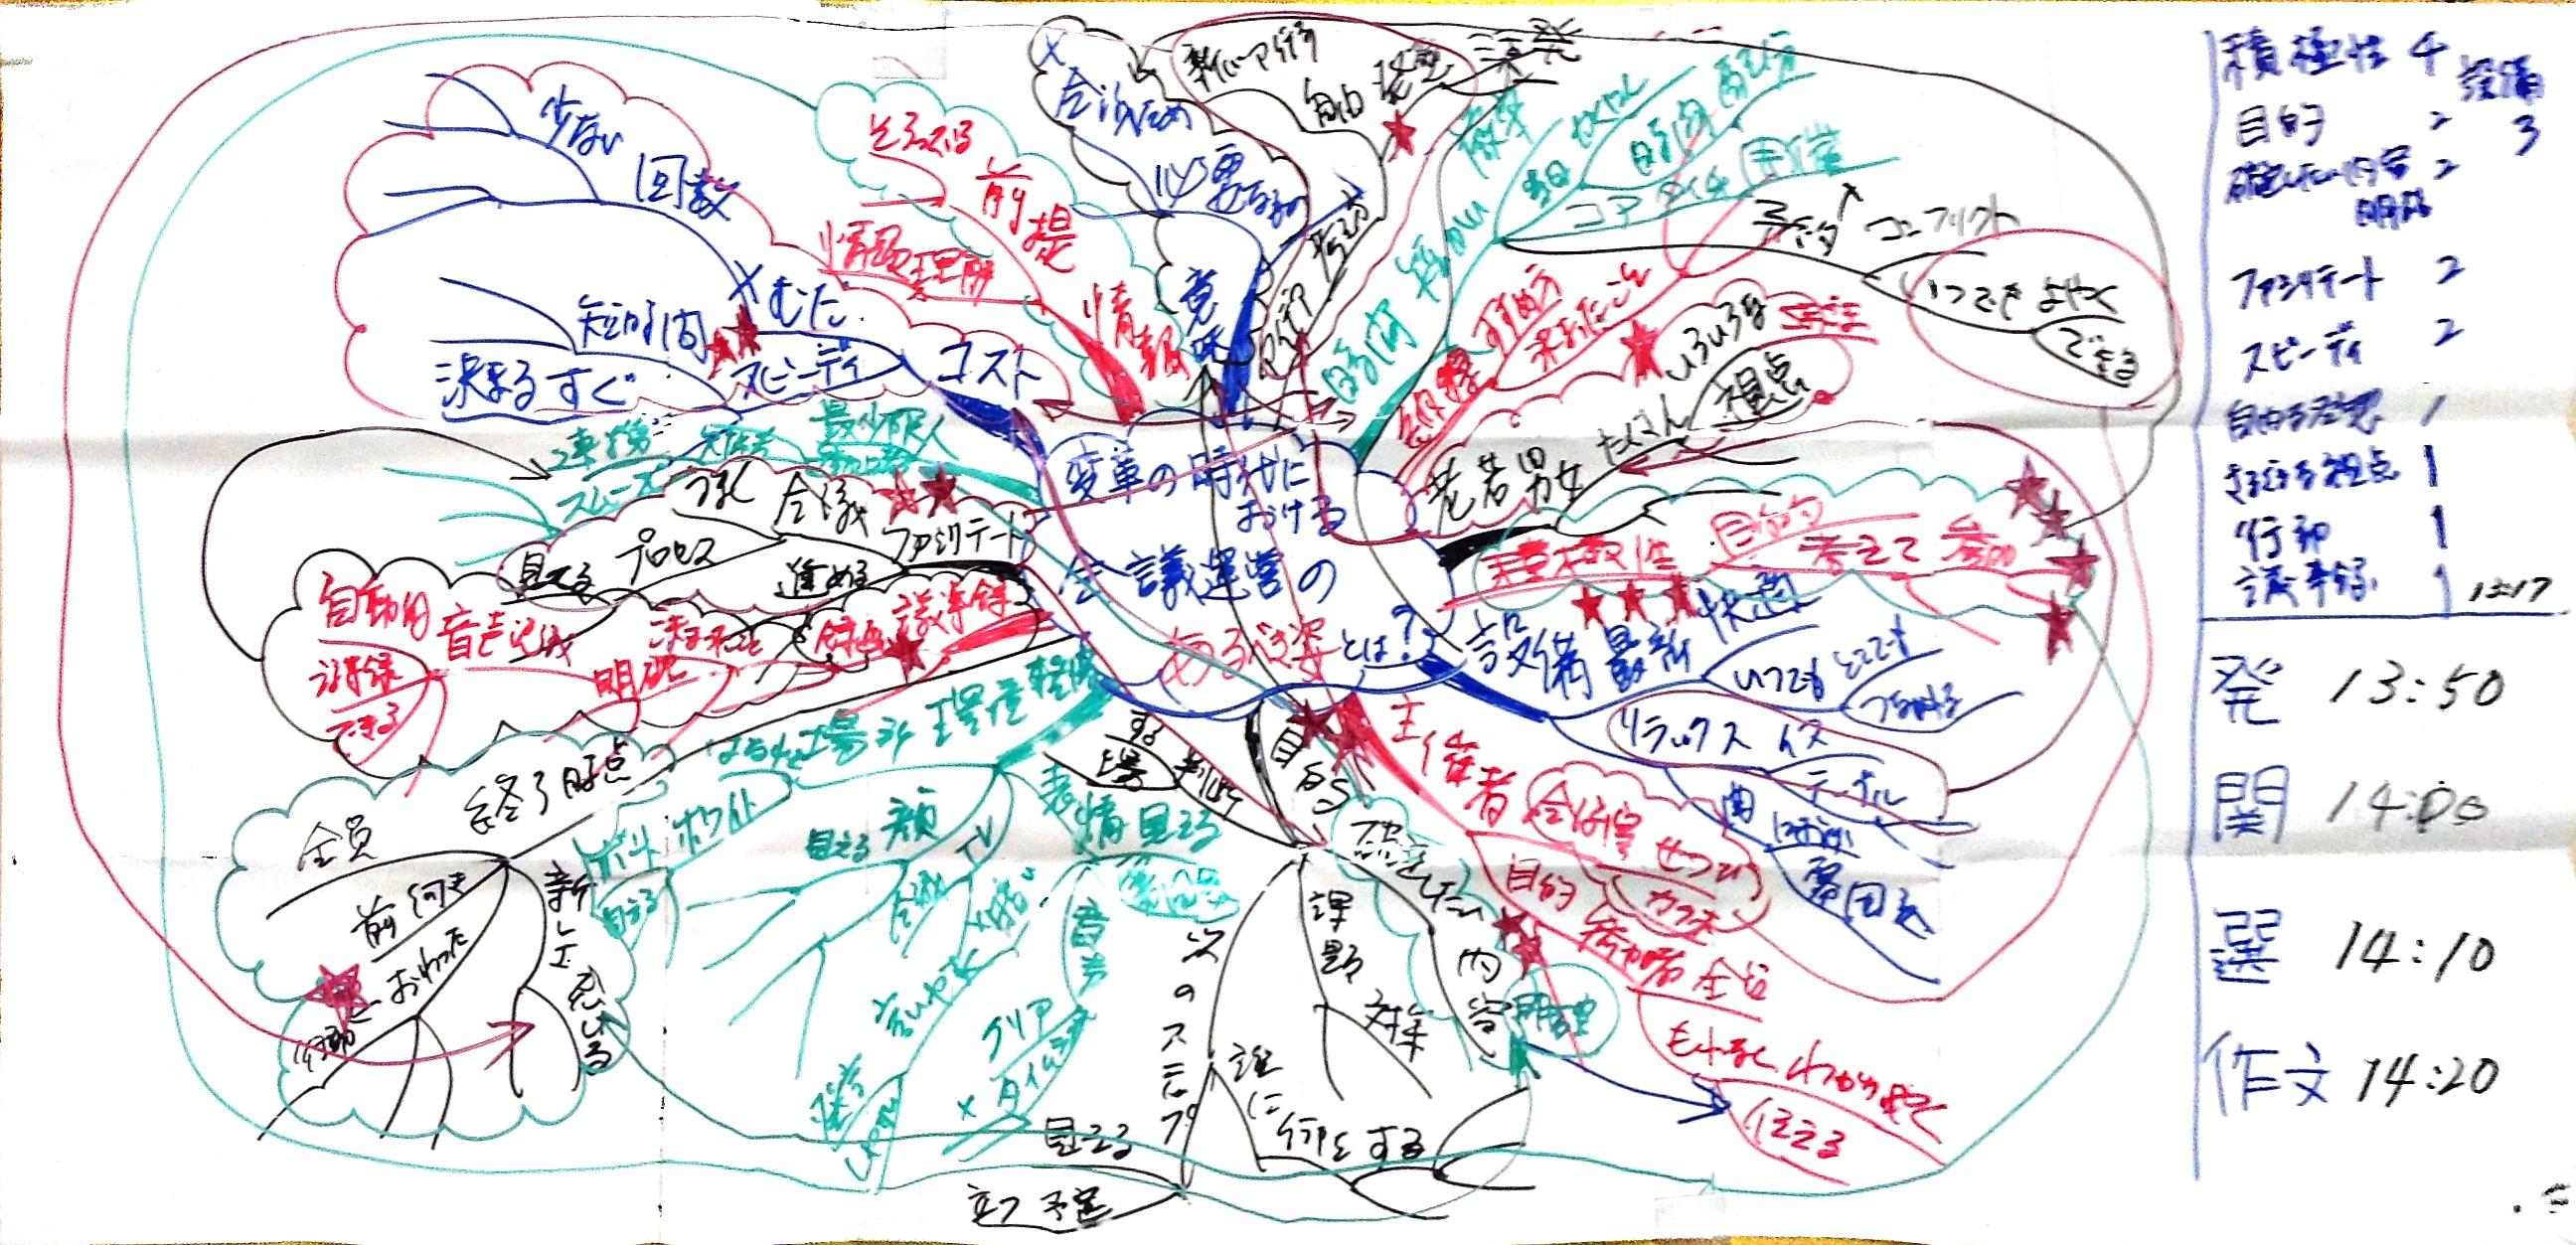 会議でのマインドマップの事例 視覚会議